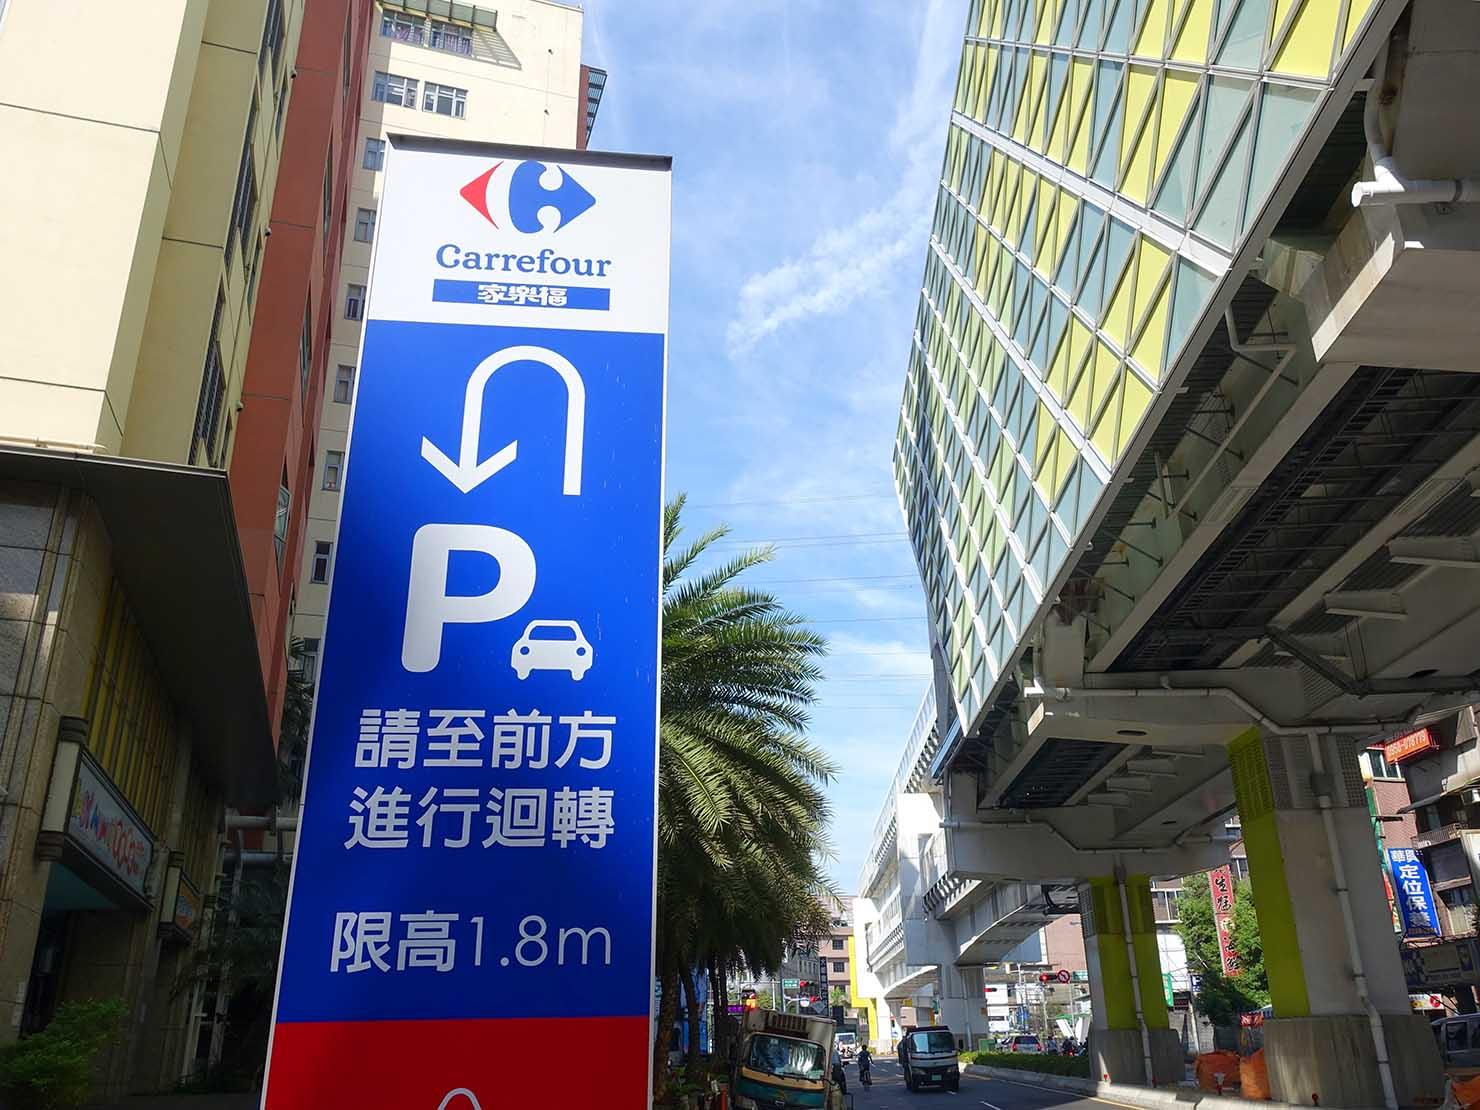 台湾のスーパーマーケット「家樂福(カルフール)」の看板